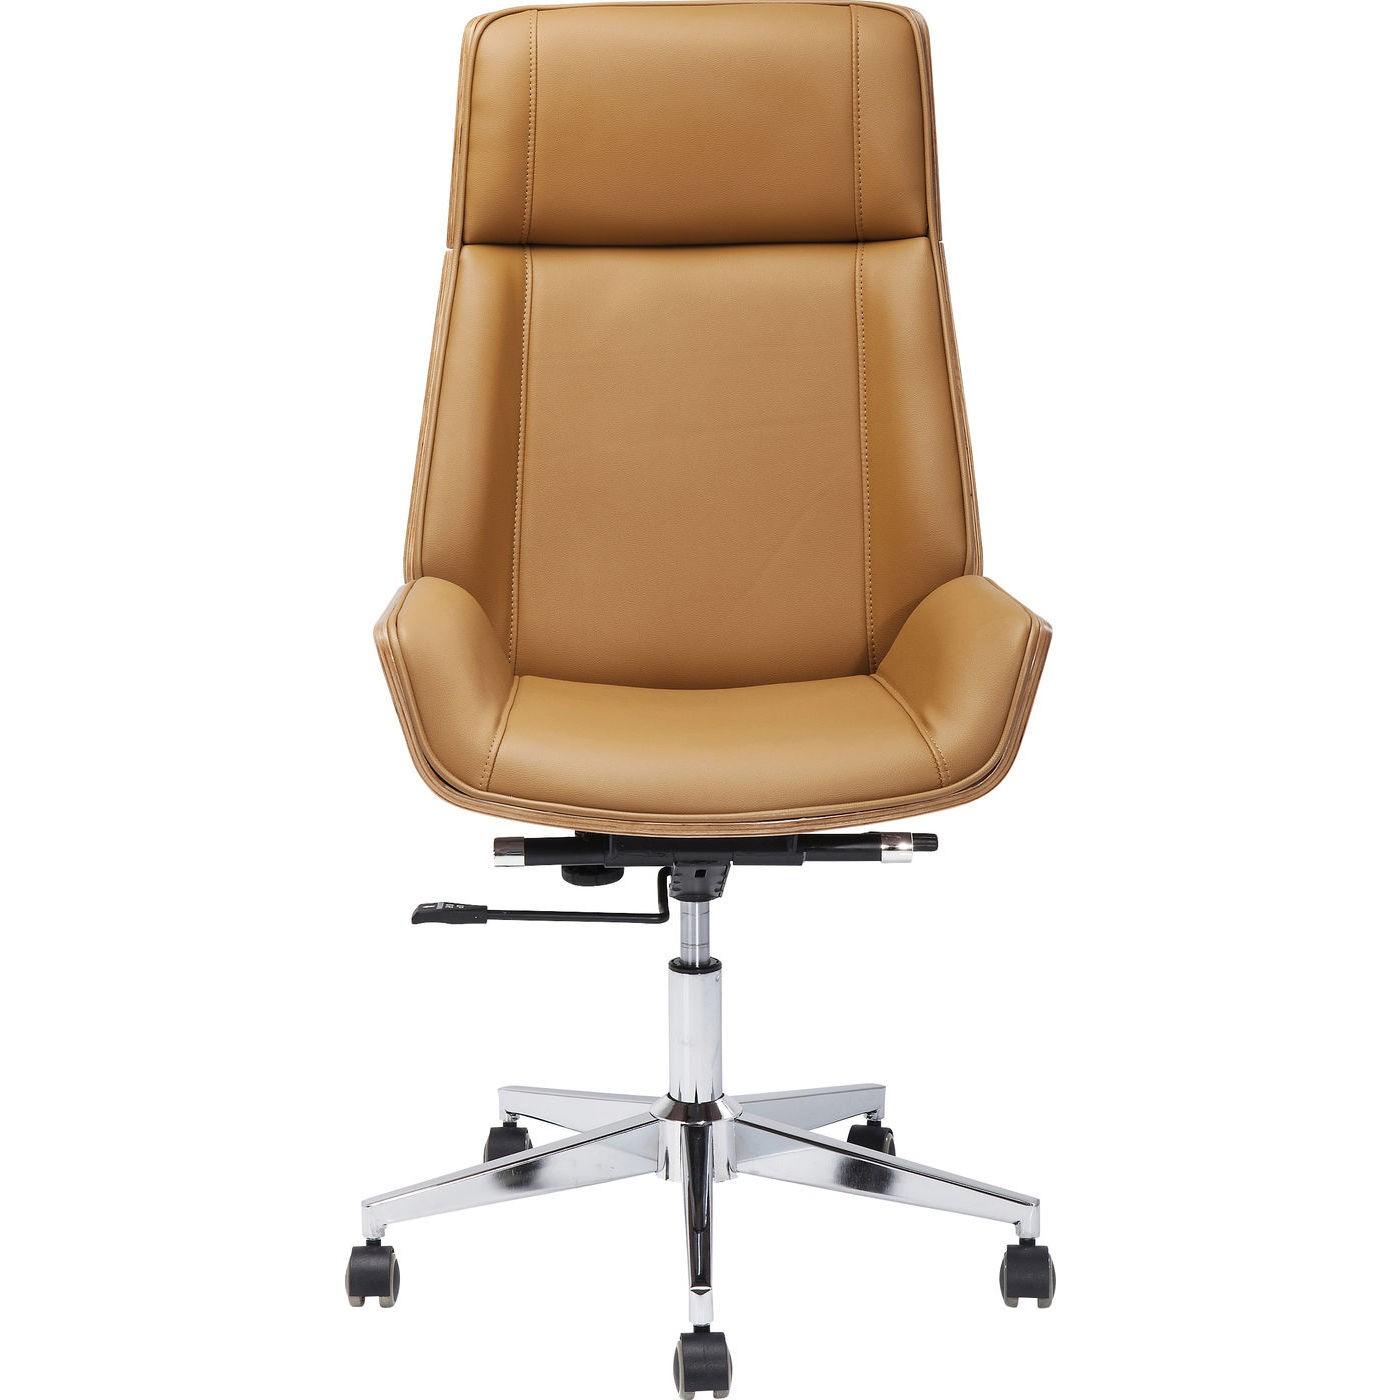 Chaise de bureau pivotante réglable à roulettes marron